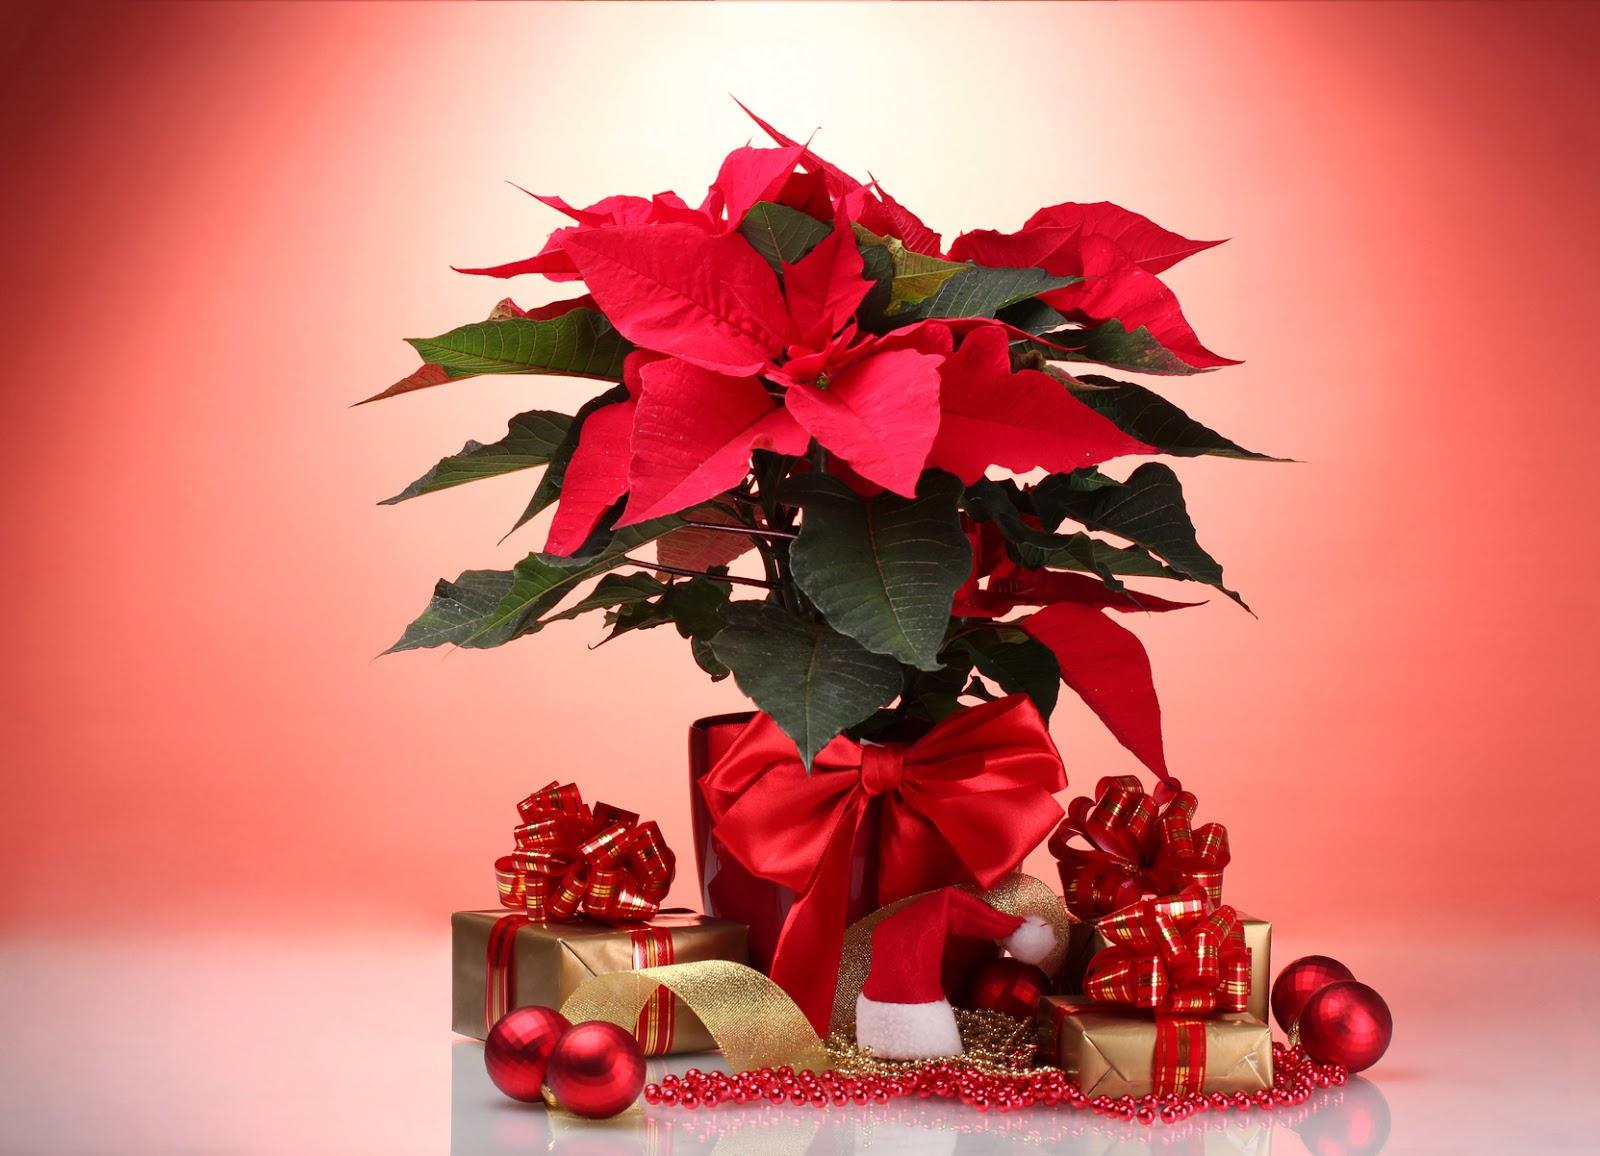 Banco de im genes 20 im genes de nochebuenas flores de - Imagenes flores de navidad ...